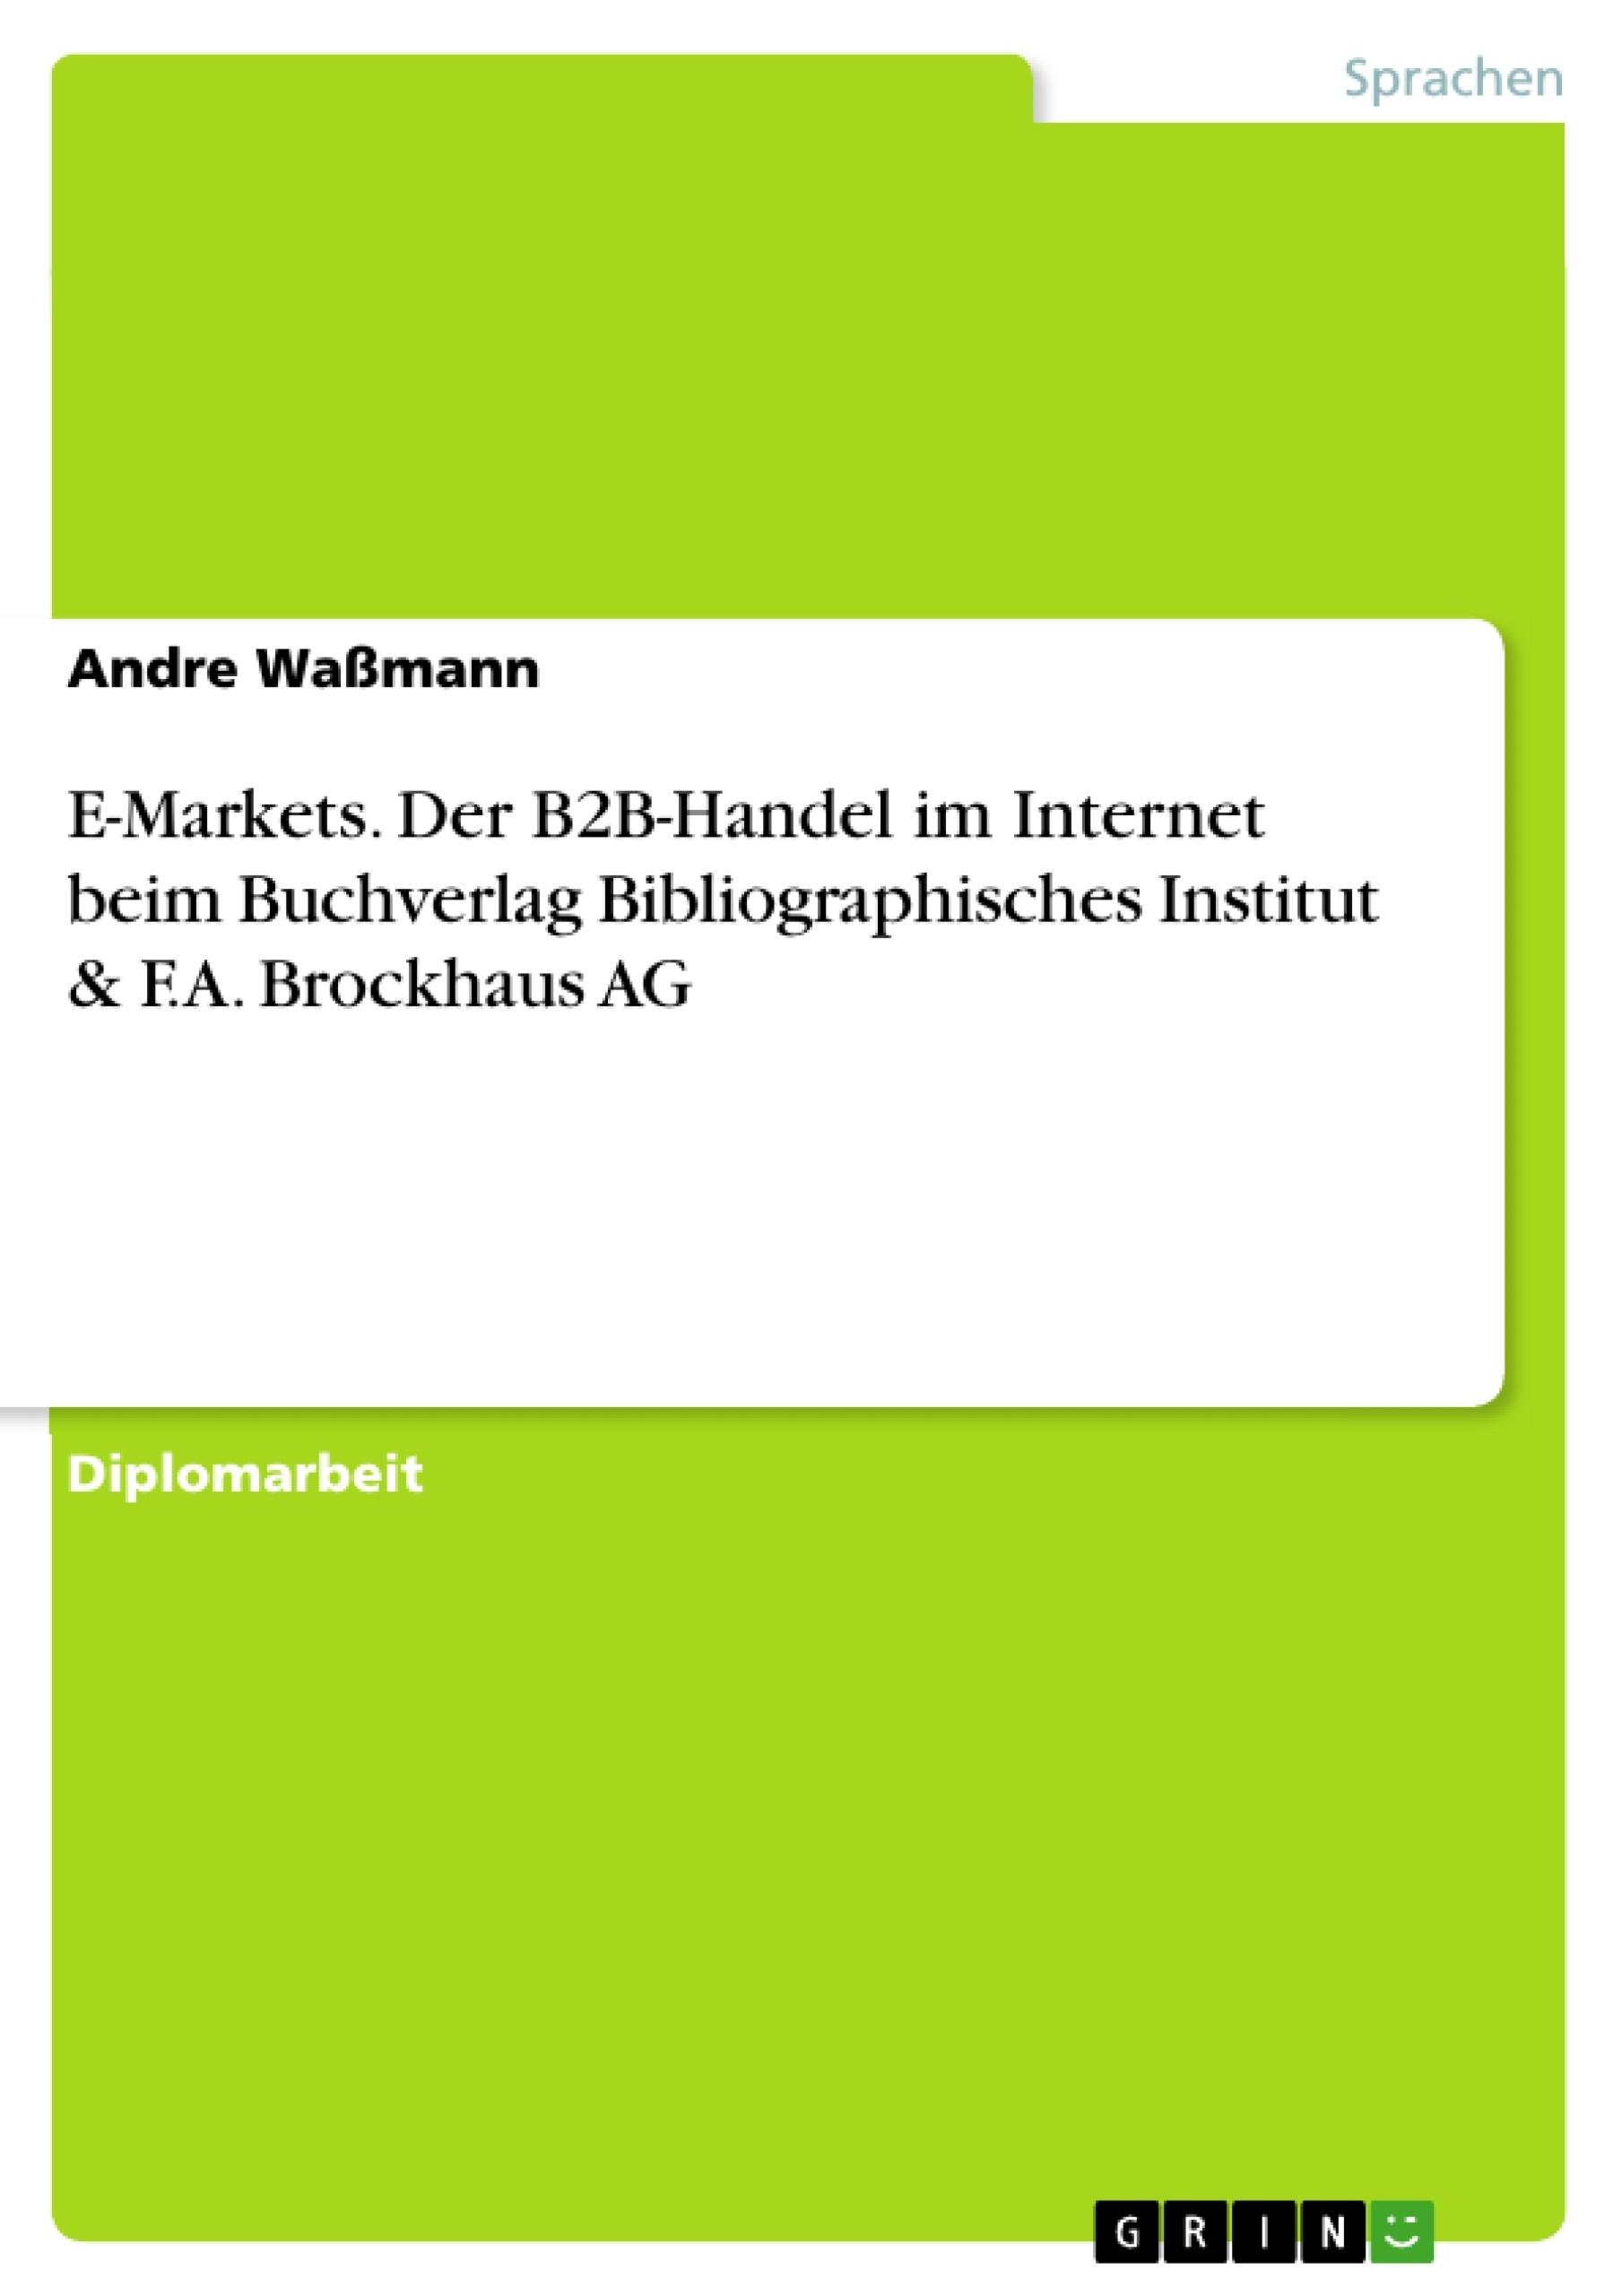 Titel: E-Markets. Der B2B-Handel im Internet beim Buchverlag Bibliographisches Institut & F.A. Brockhaus AG